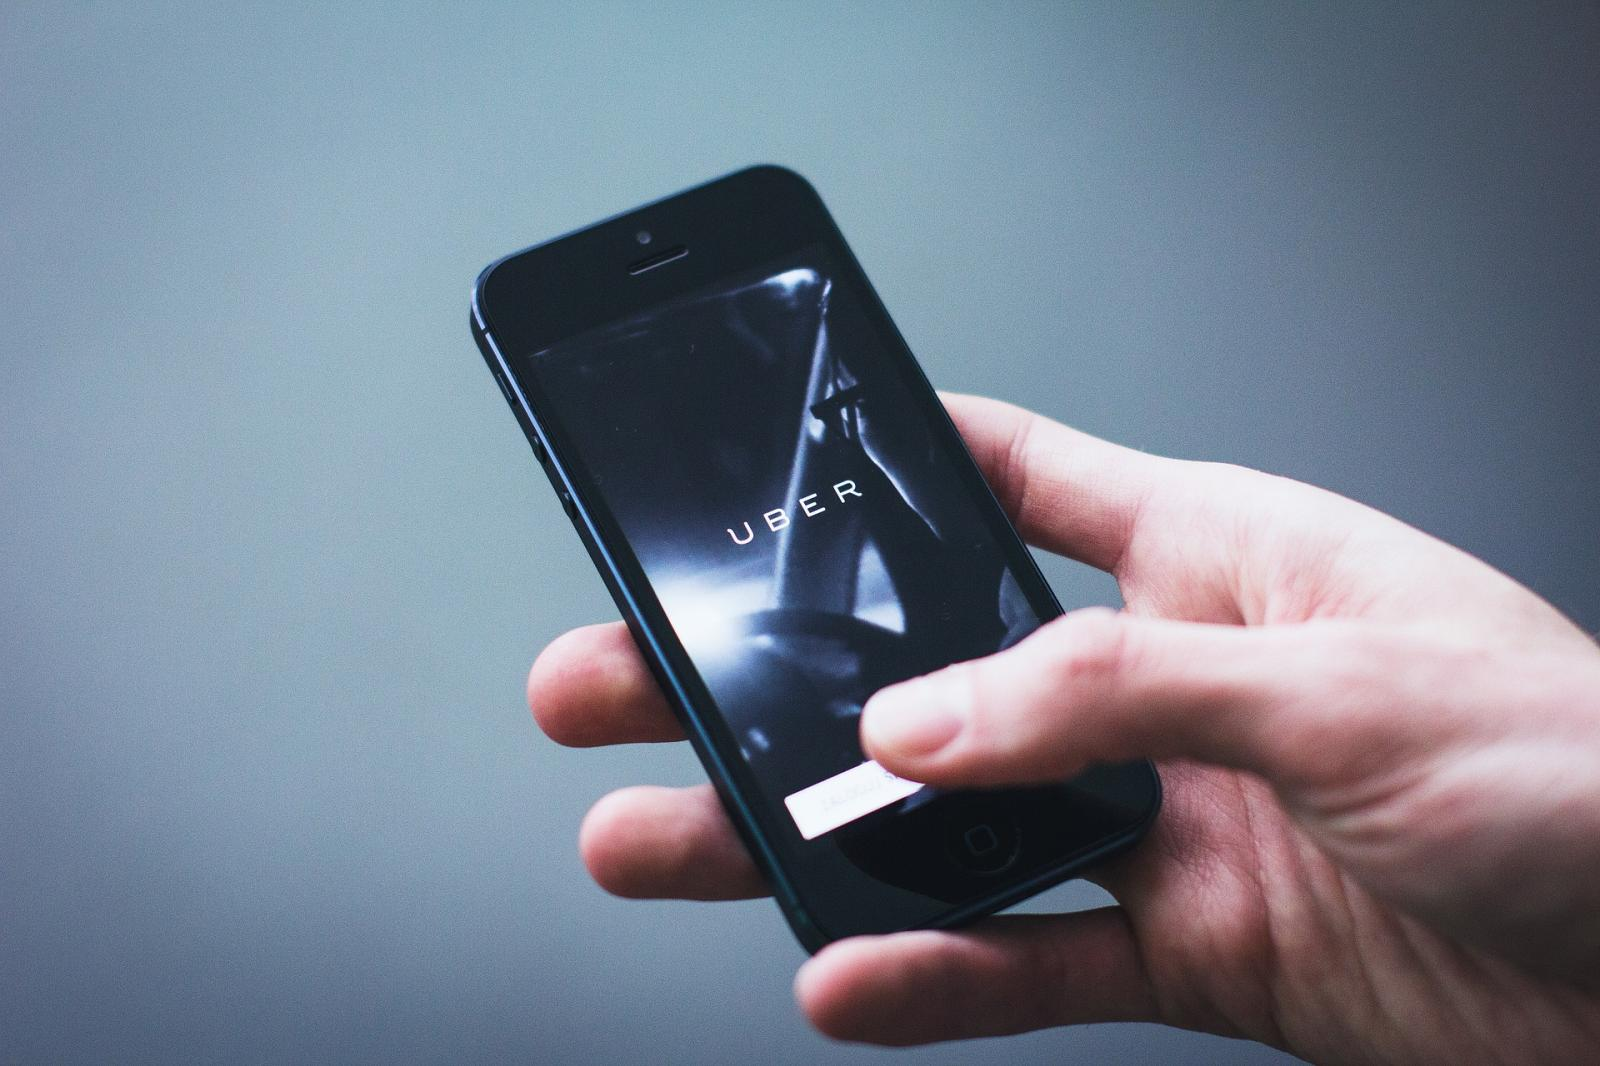 Cerca de 10 millones de clientes más podrían acceder a Uber si se aprueba el pago en efectivo